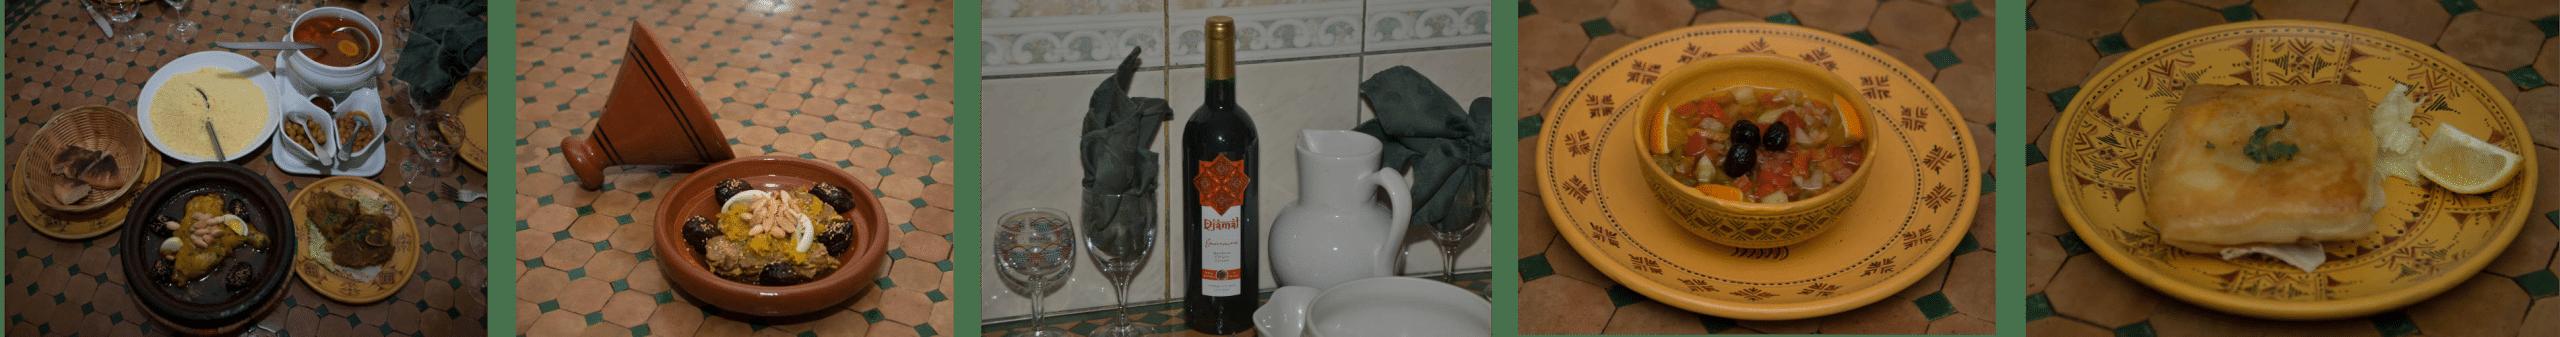 Traiteur-Restaurant Marocain La Fantasia a Pringy-Saint Fargeau Seine et Marne 77